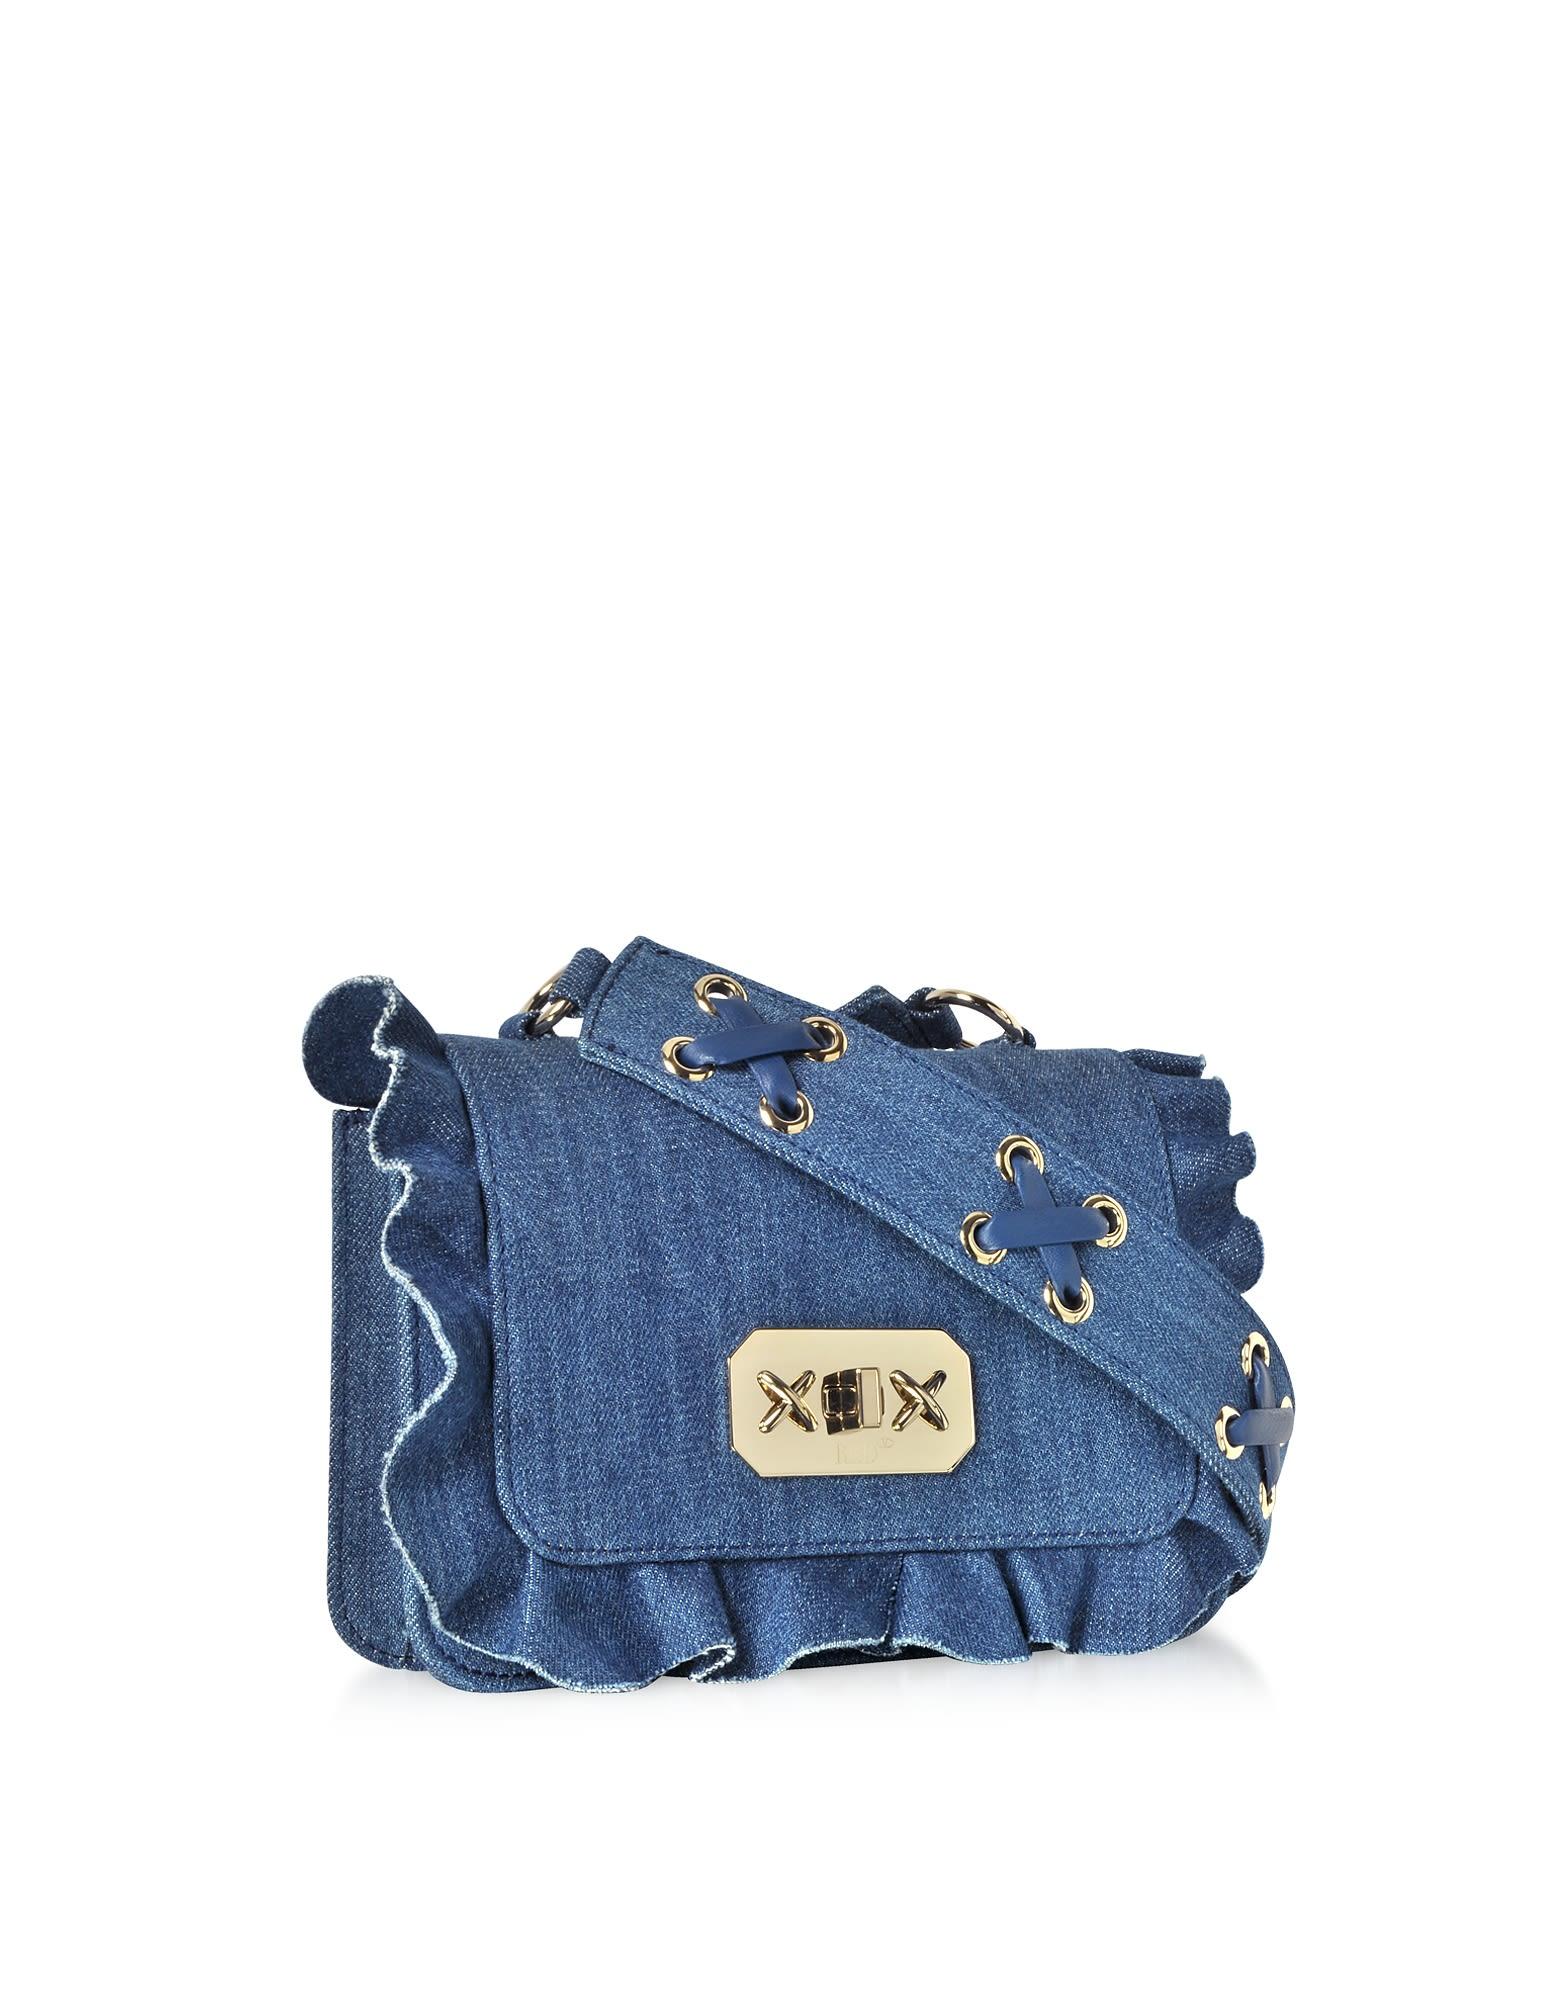 e09761de1dc2 RED Valentino Red Valentino Blue Denim Small Ruffle Shoulder Bag ...